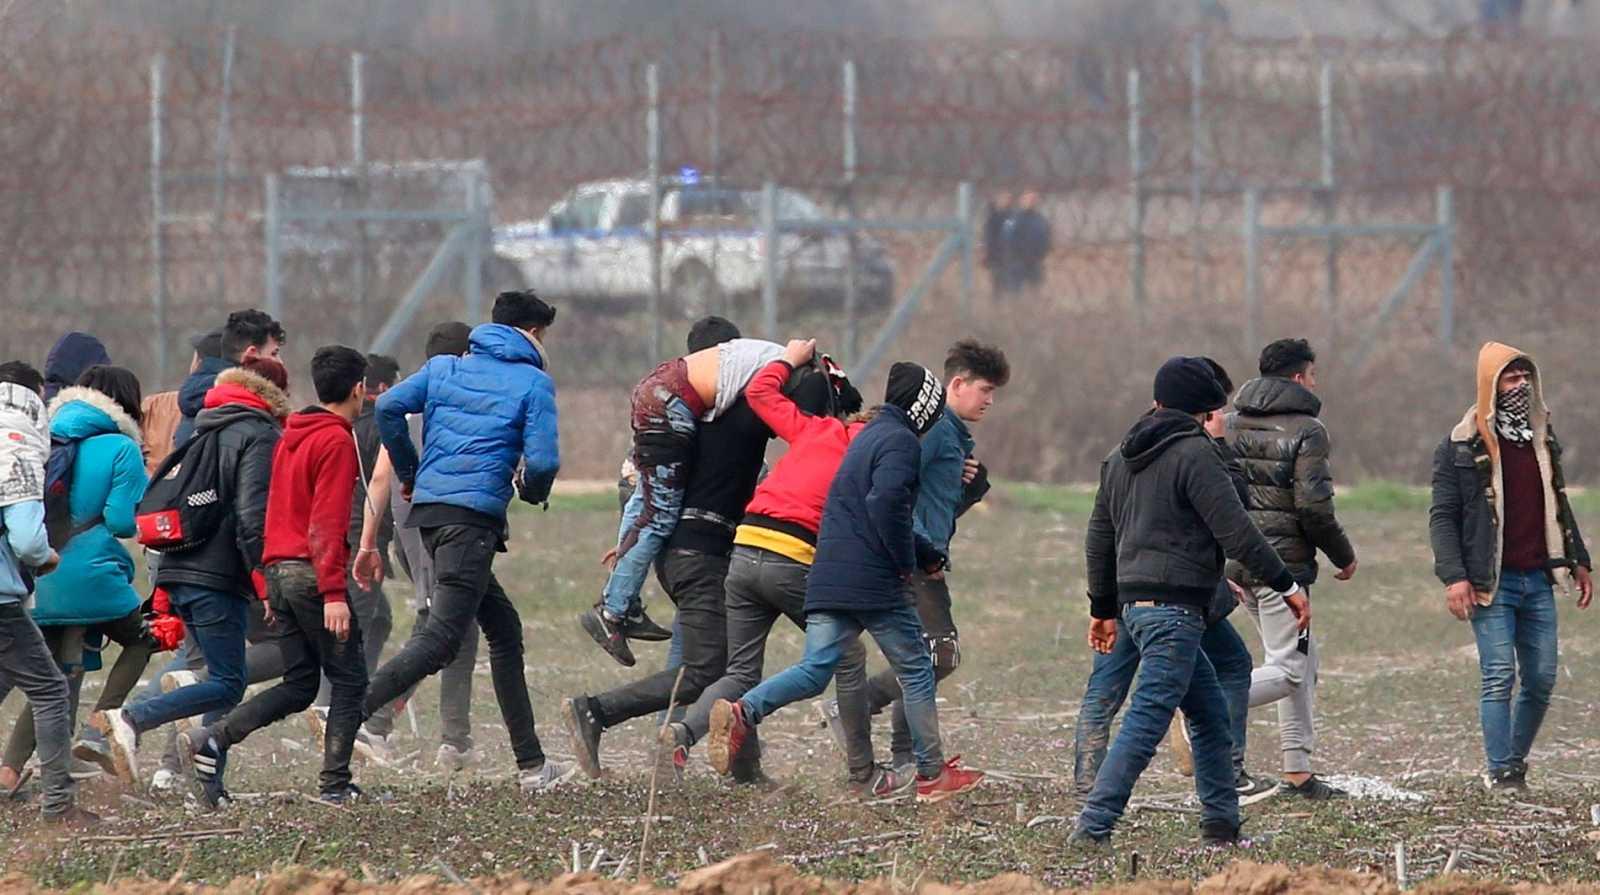 Crisis de refugiados en la frontera turcogriega